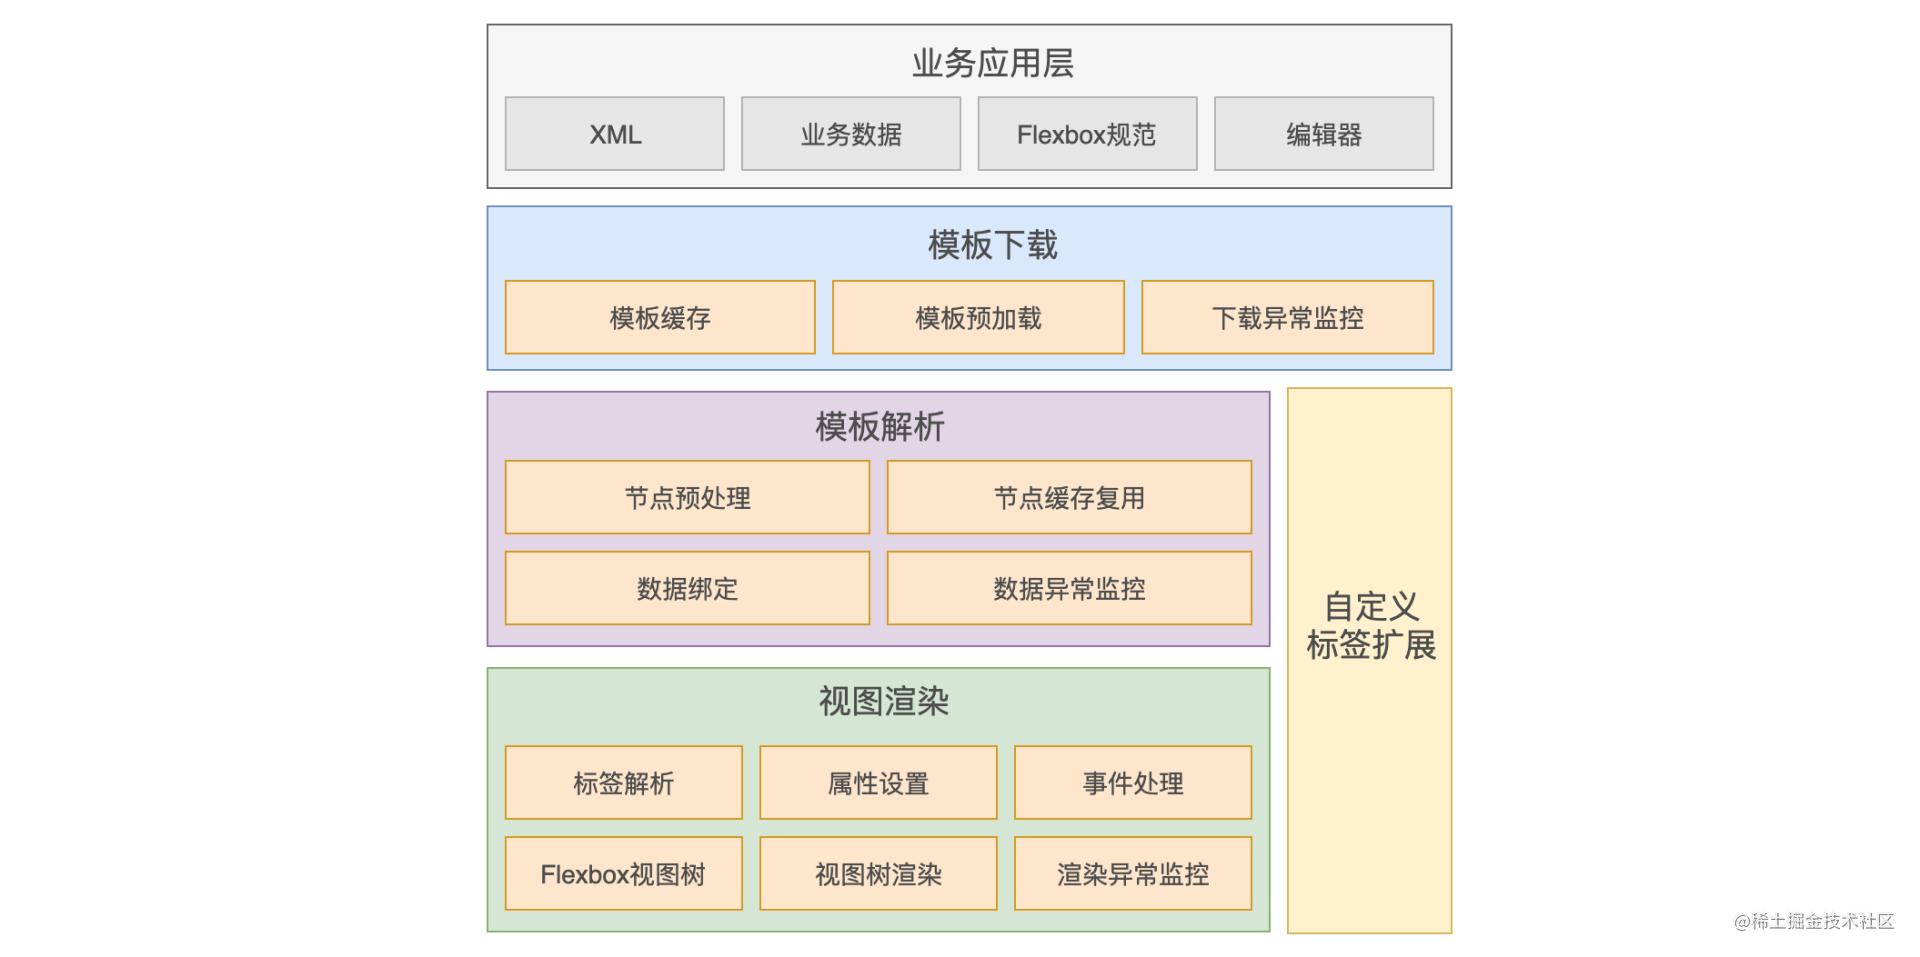 图1 MTFlexbox的架构